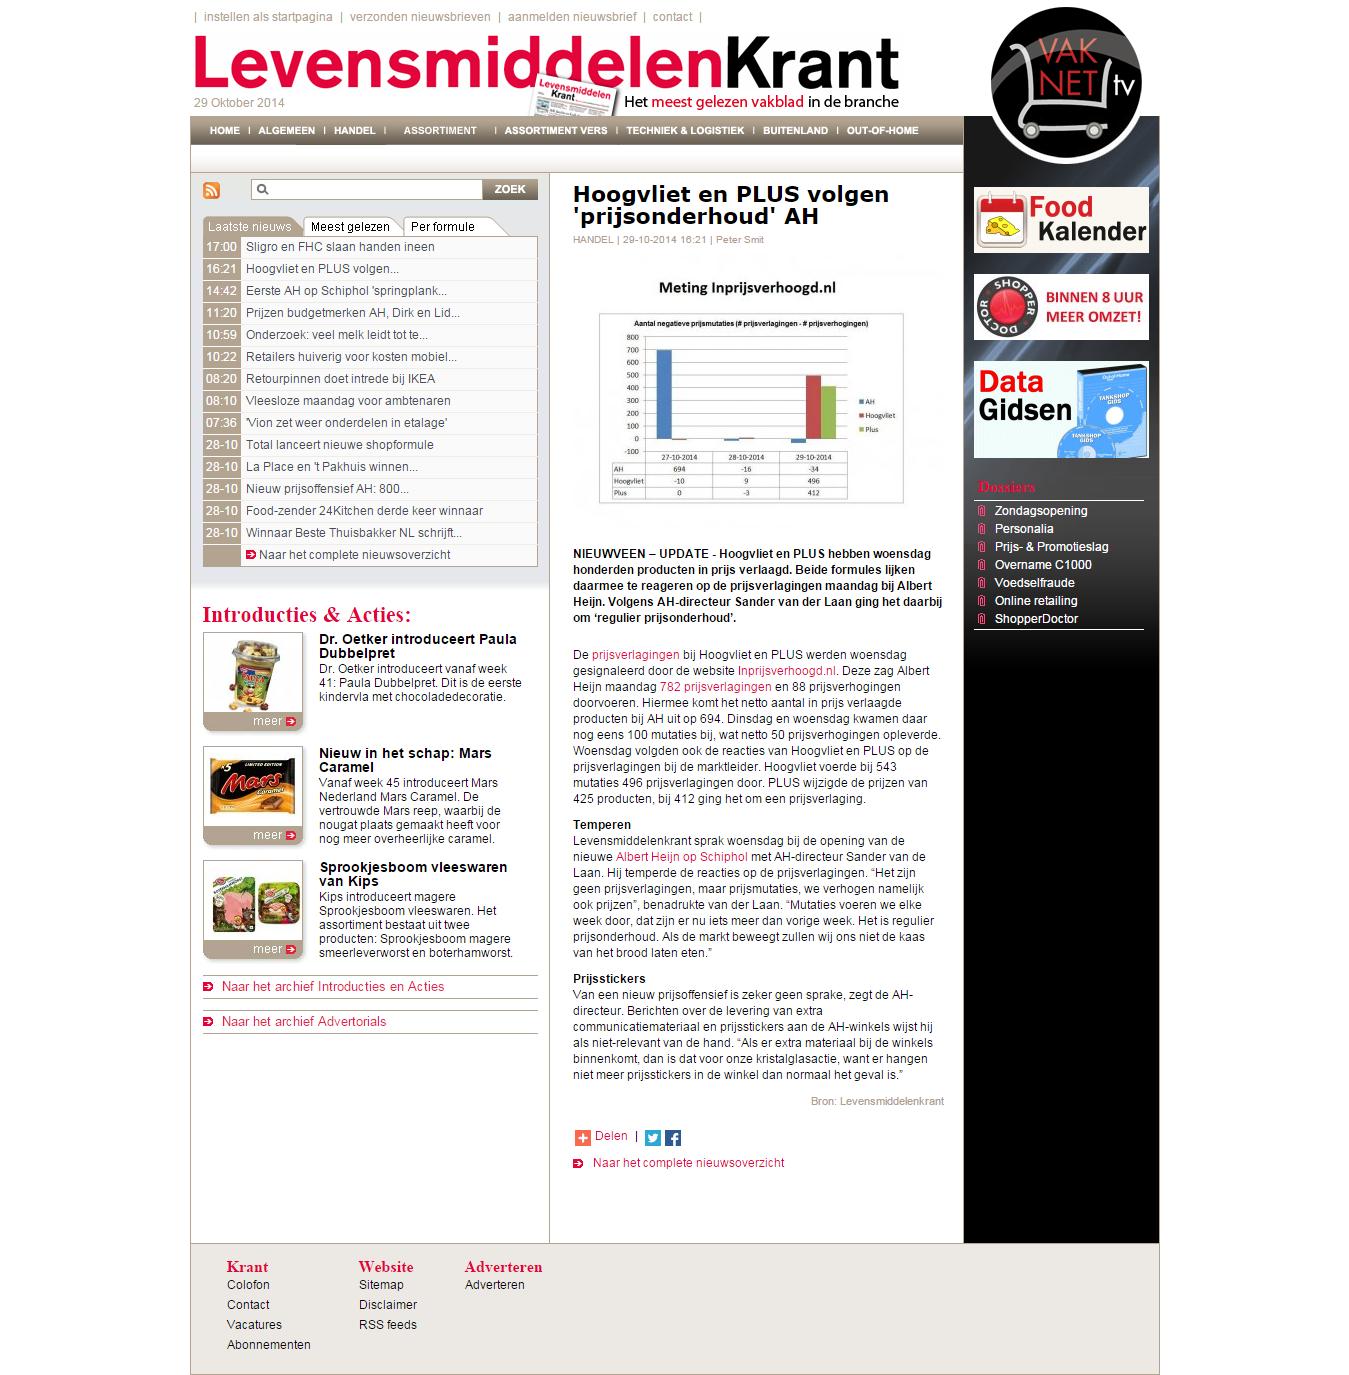 Levensmiddelenkrant.nl: Hoogvliet en PLUS volgen 'prijsonderhoud' AH